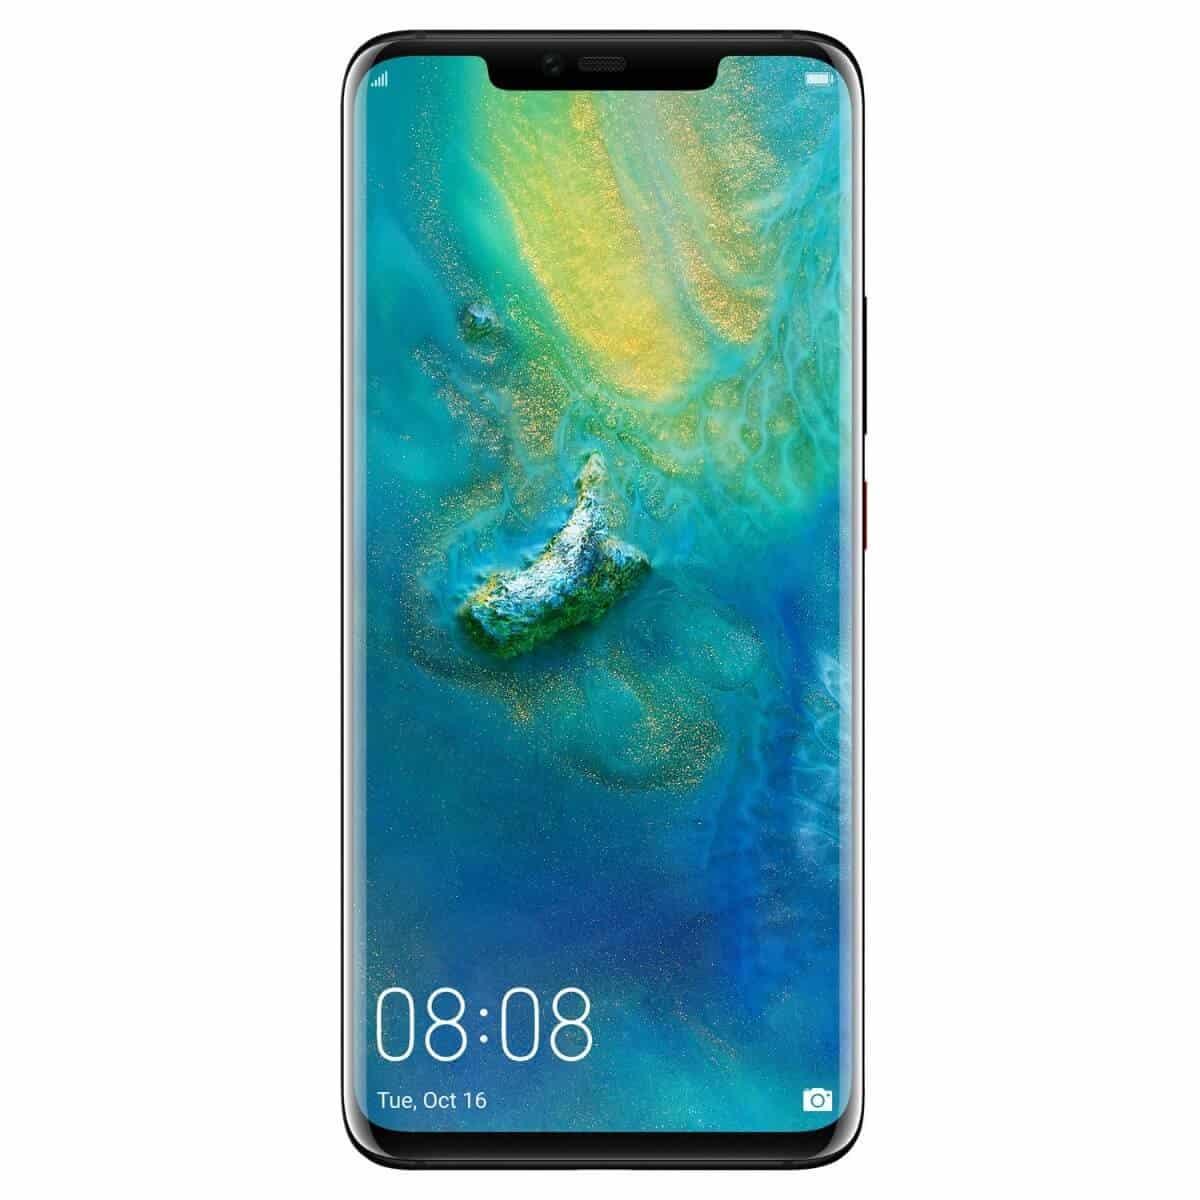 """รูป cp pwb000245478 ประกอบเนื้อหา HUAWEI Mate 20 Pro ได้รับรางวัล """"สมาร์ทโฟนยอดเยี่ยม"""" จากงาน Mobile World Congress 2019"""